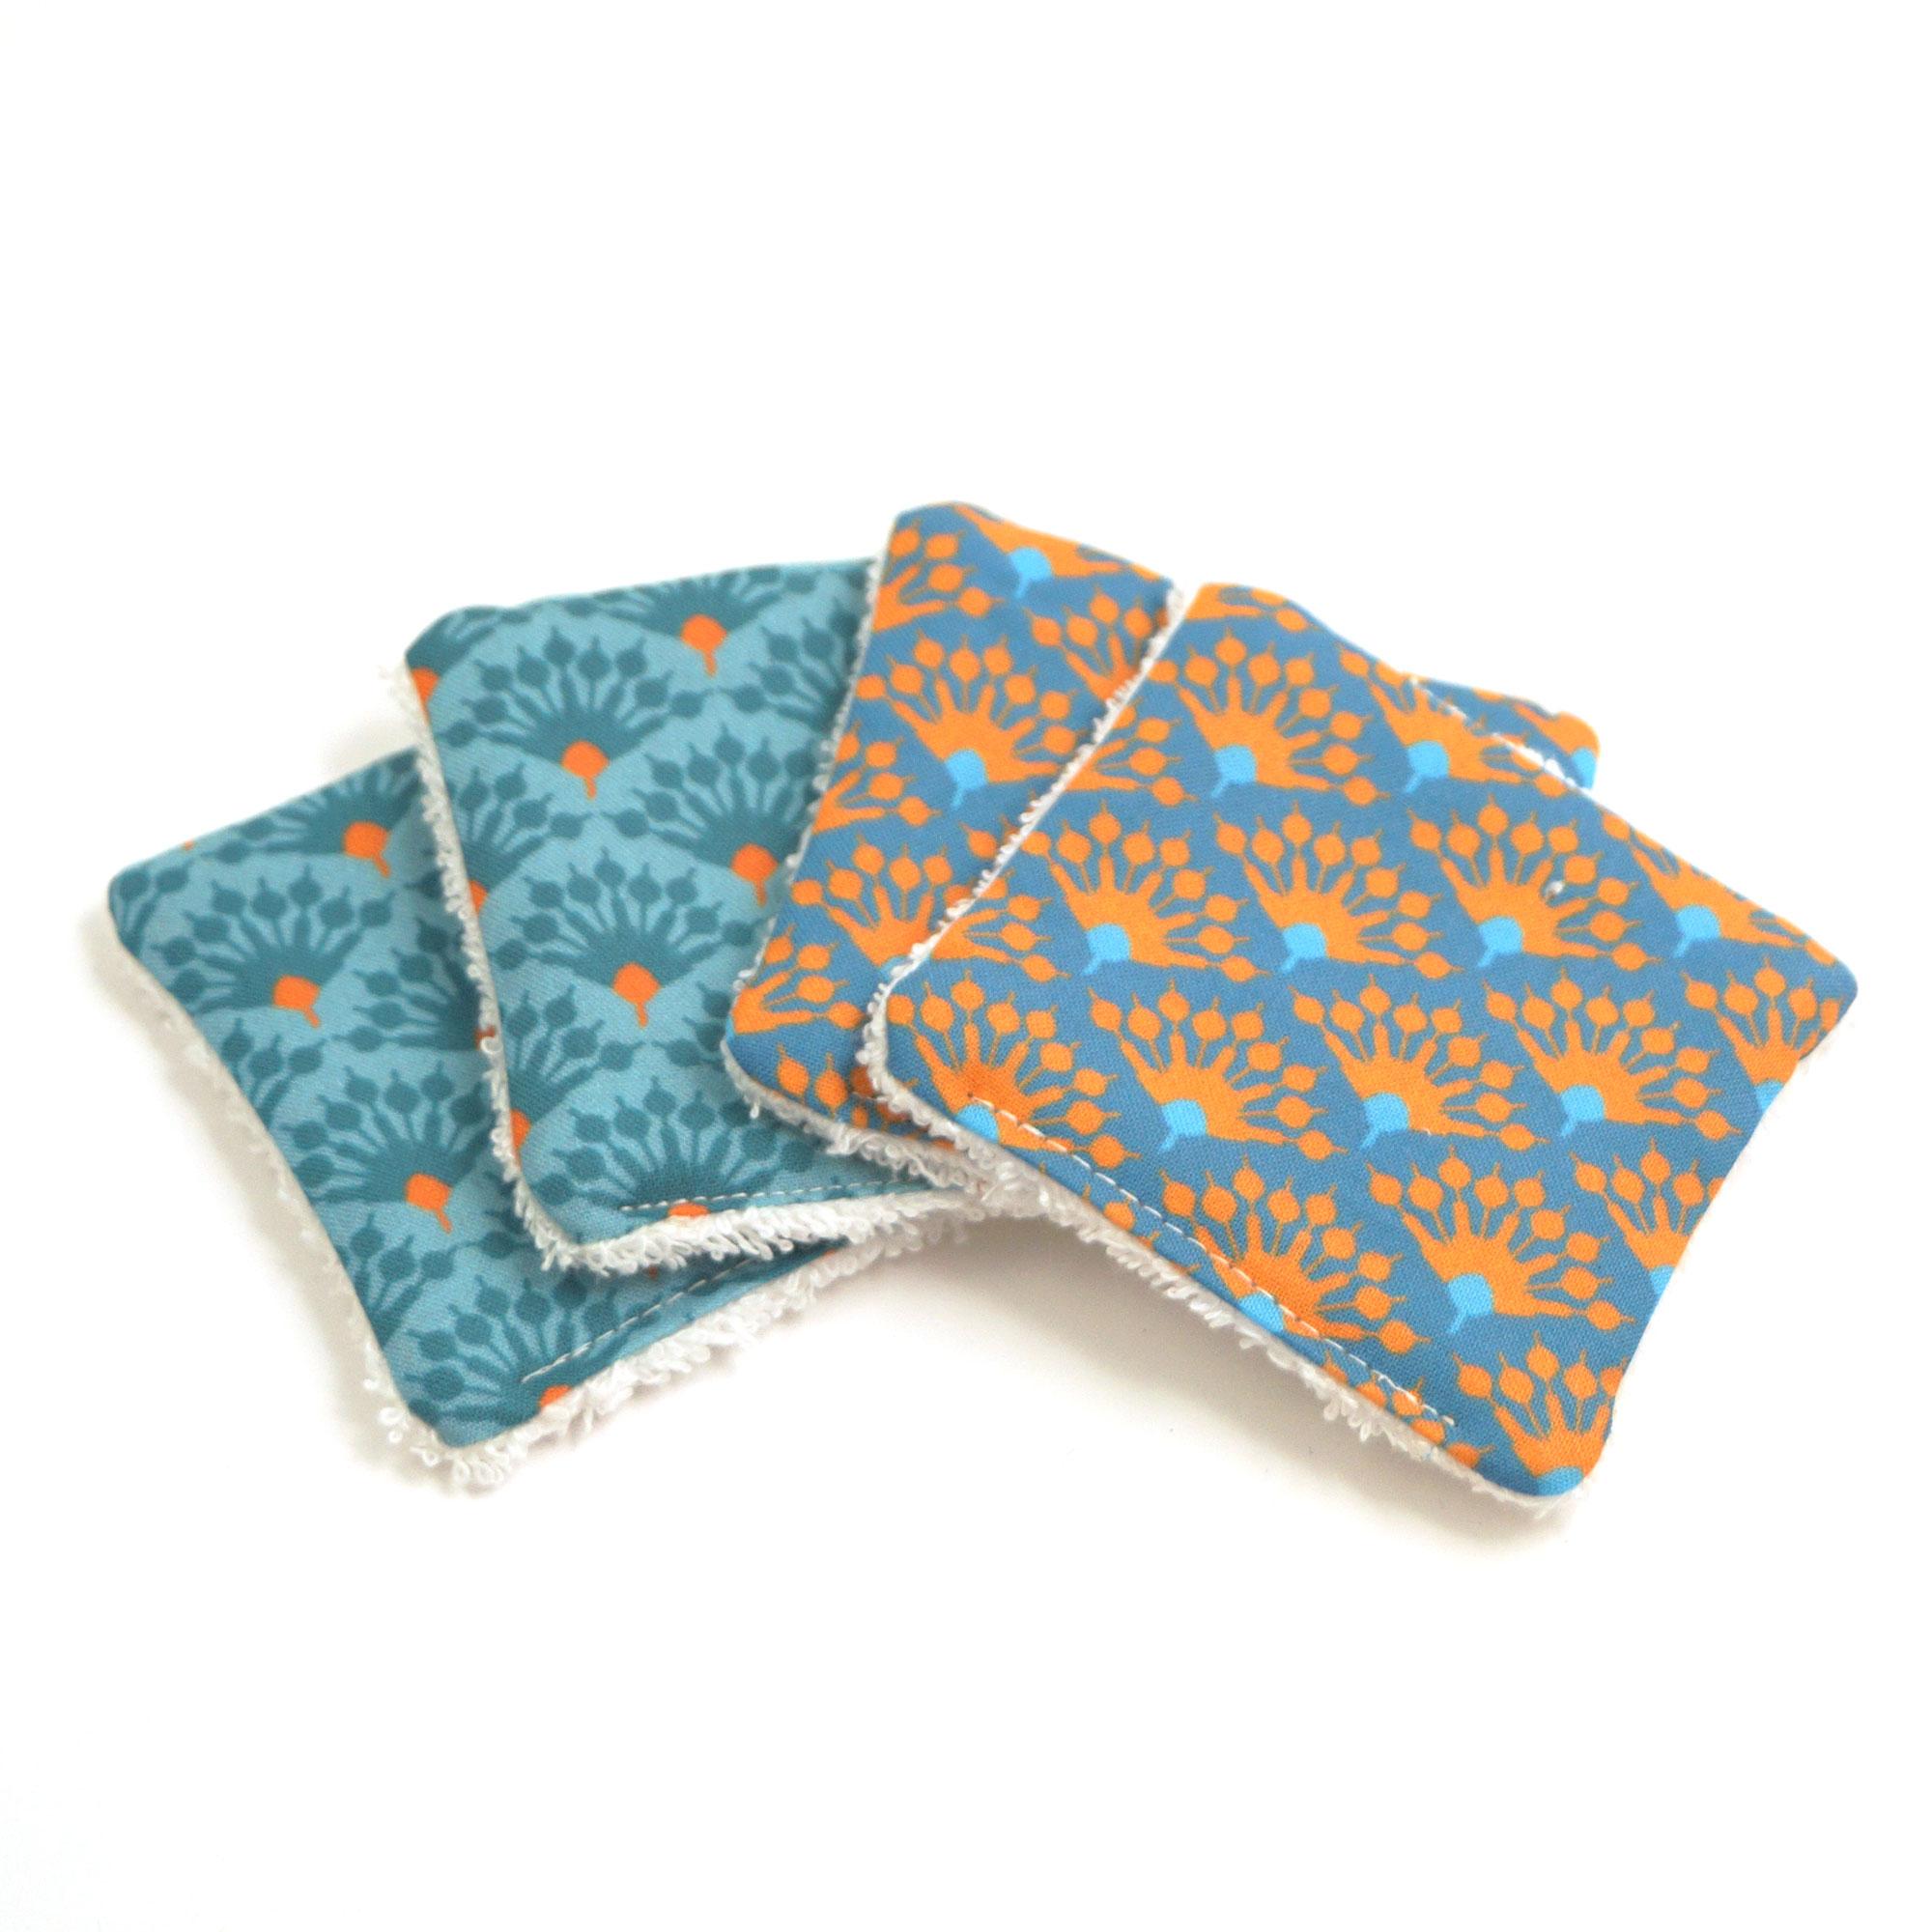 Abschmickpads 4er Pack blau